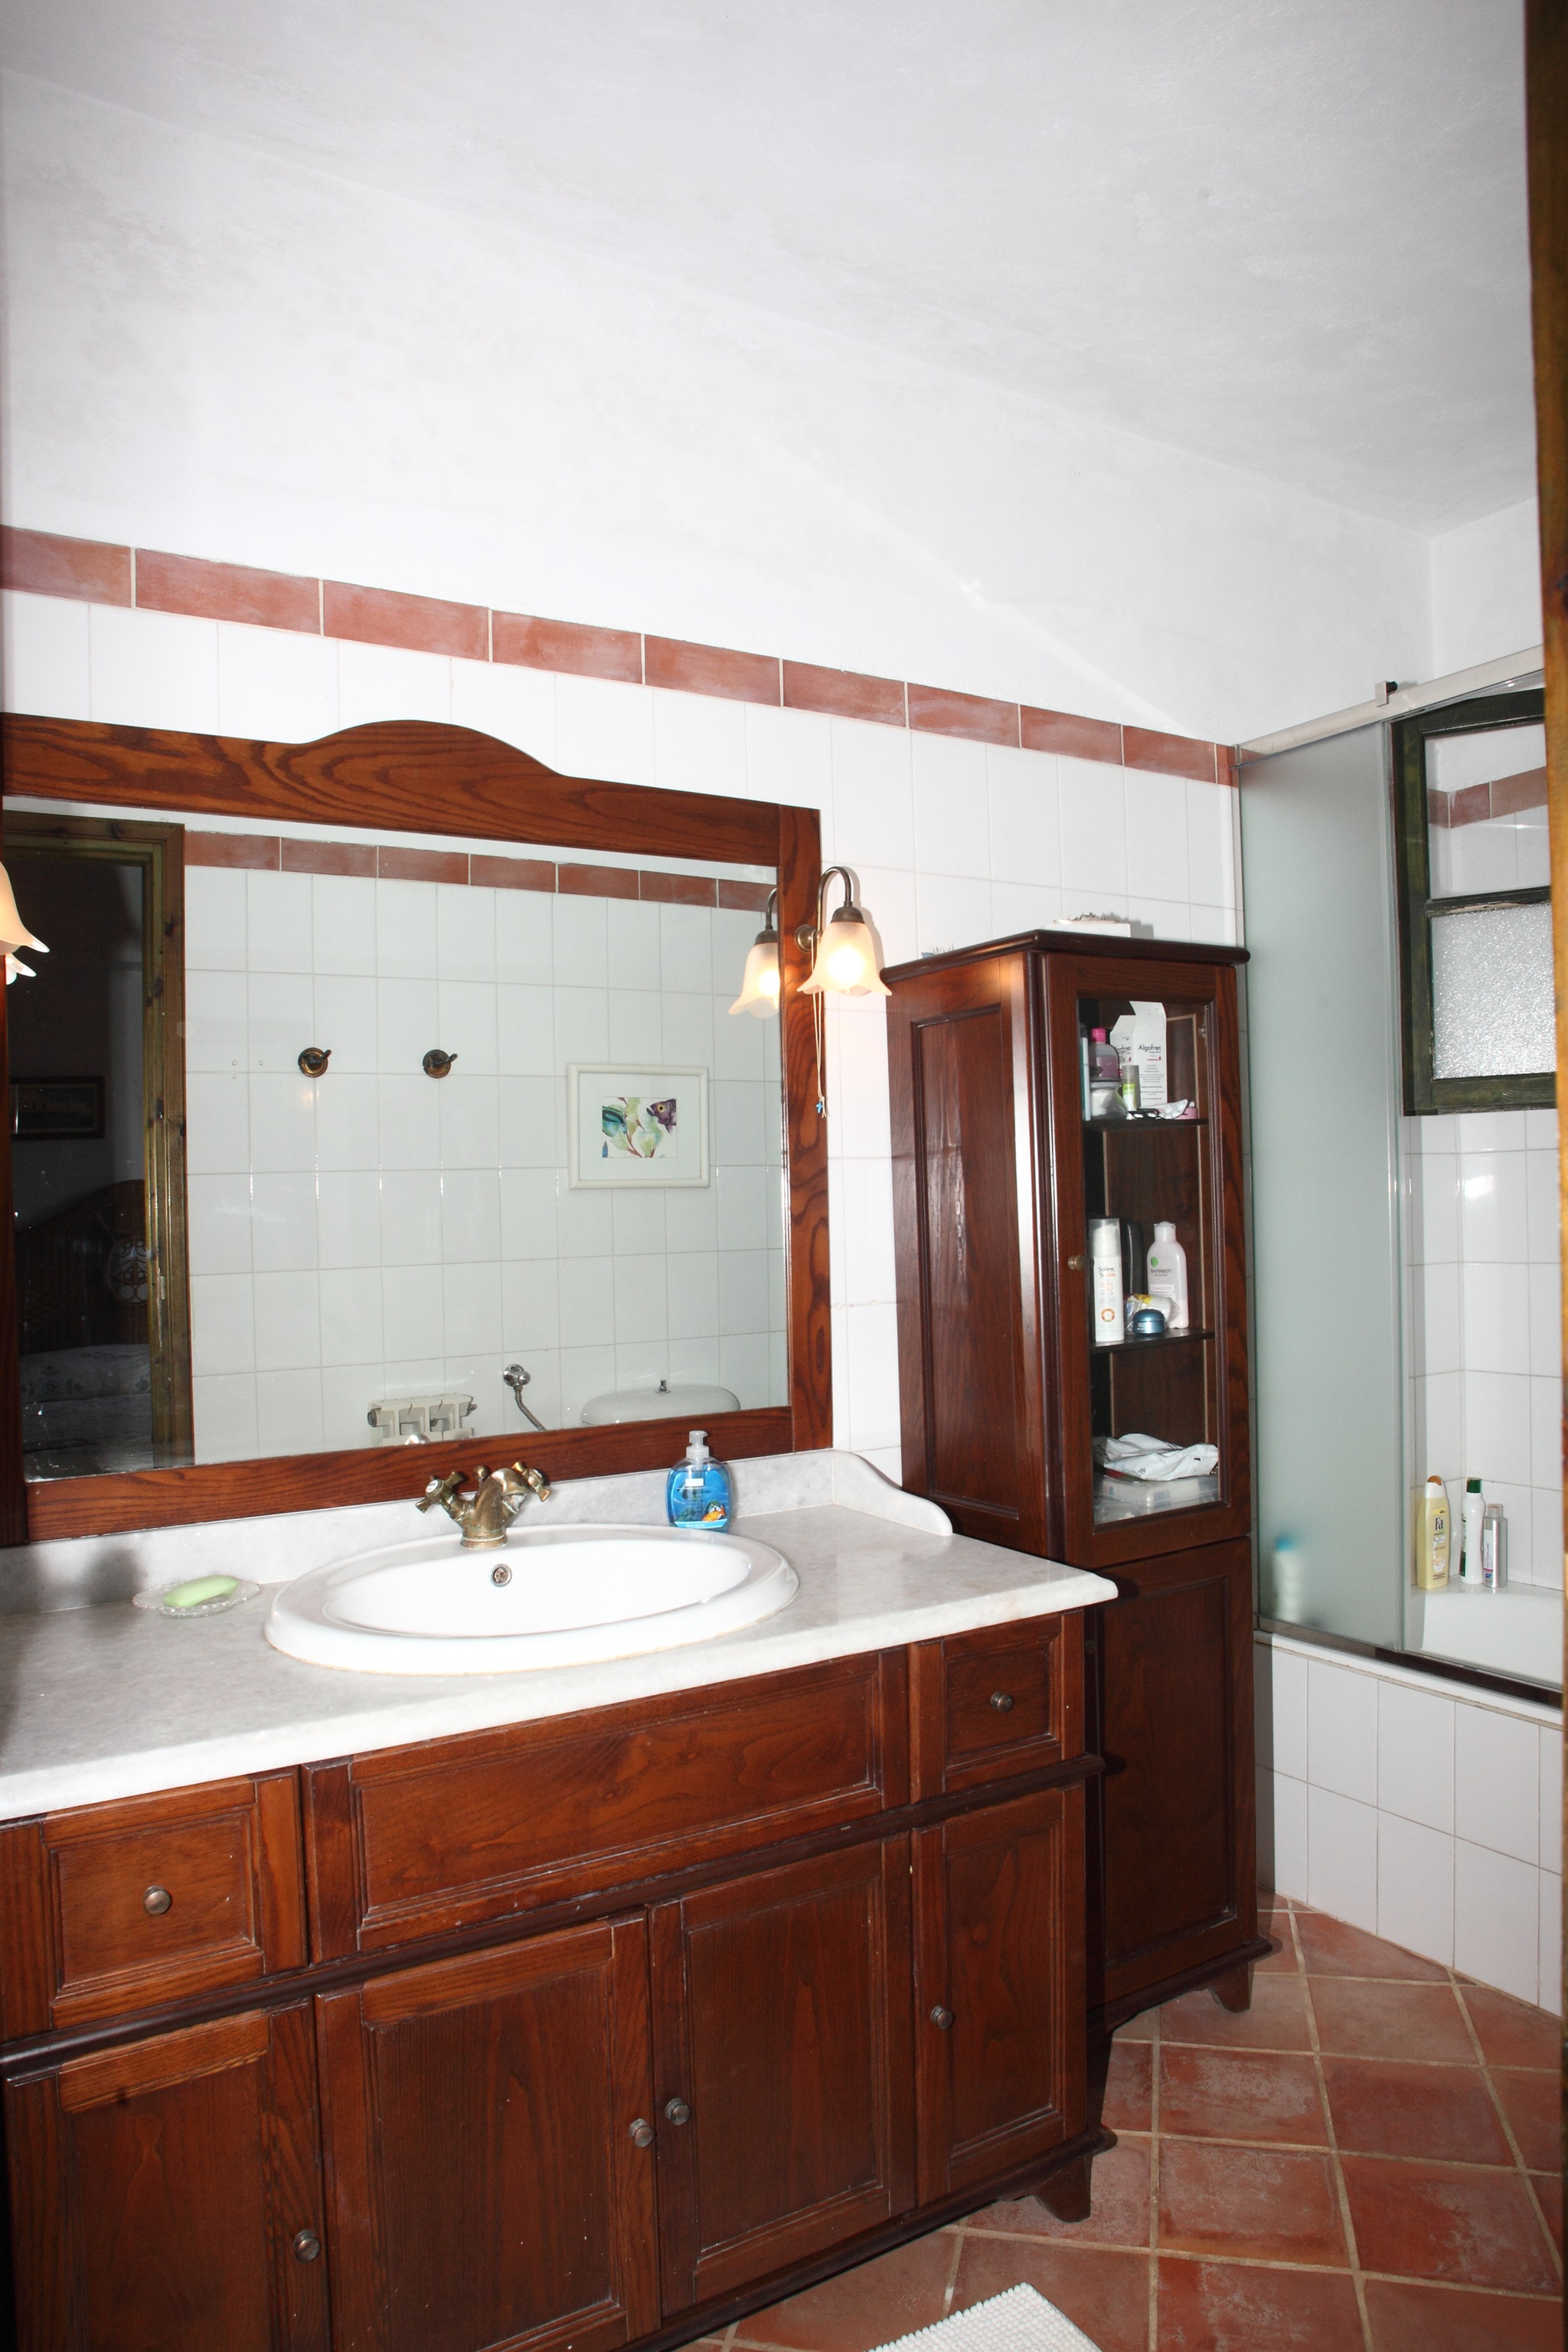 Ferienhaus Villa mit 4 Zimmern in Kosta mit herrlichem Meerblick, privatem Pool, eingezäuntem Garten  (2271451), Kosta (GR), , Peloponnes, Griechenland, Bild 14